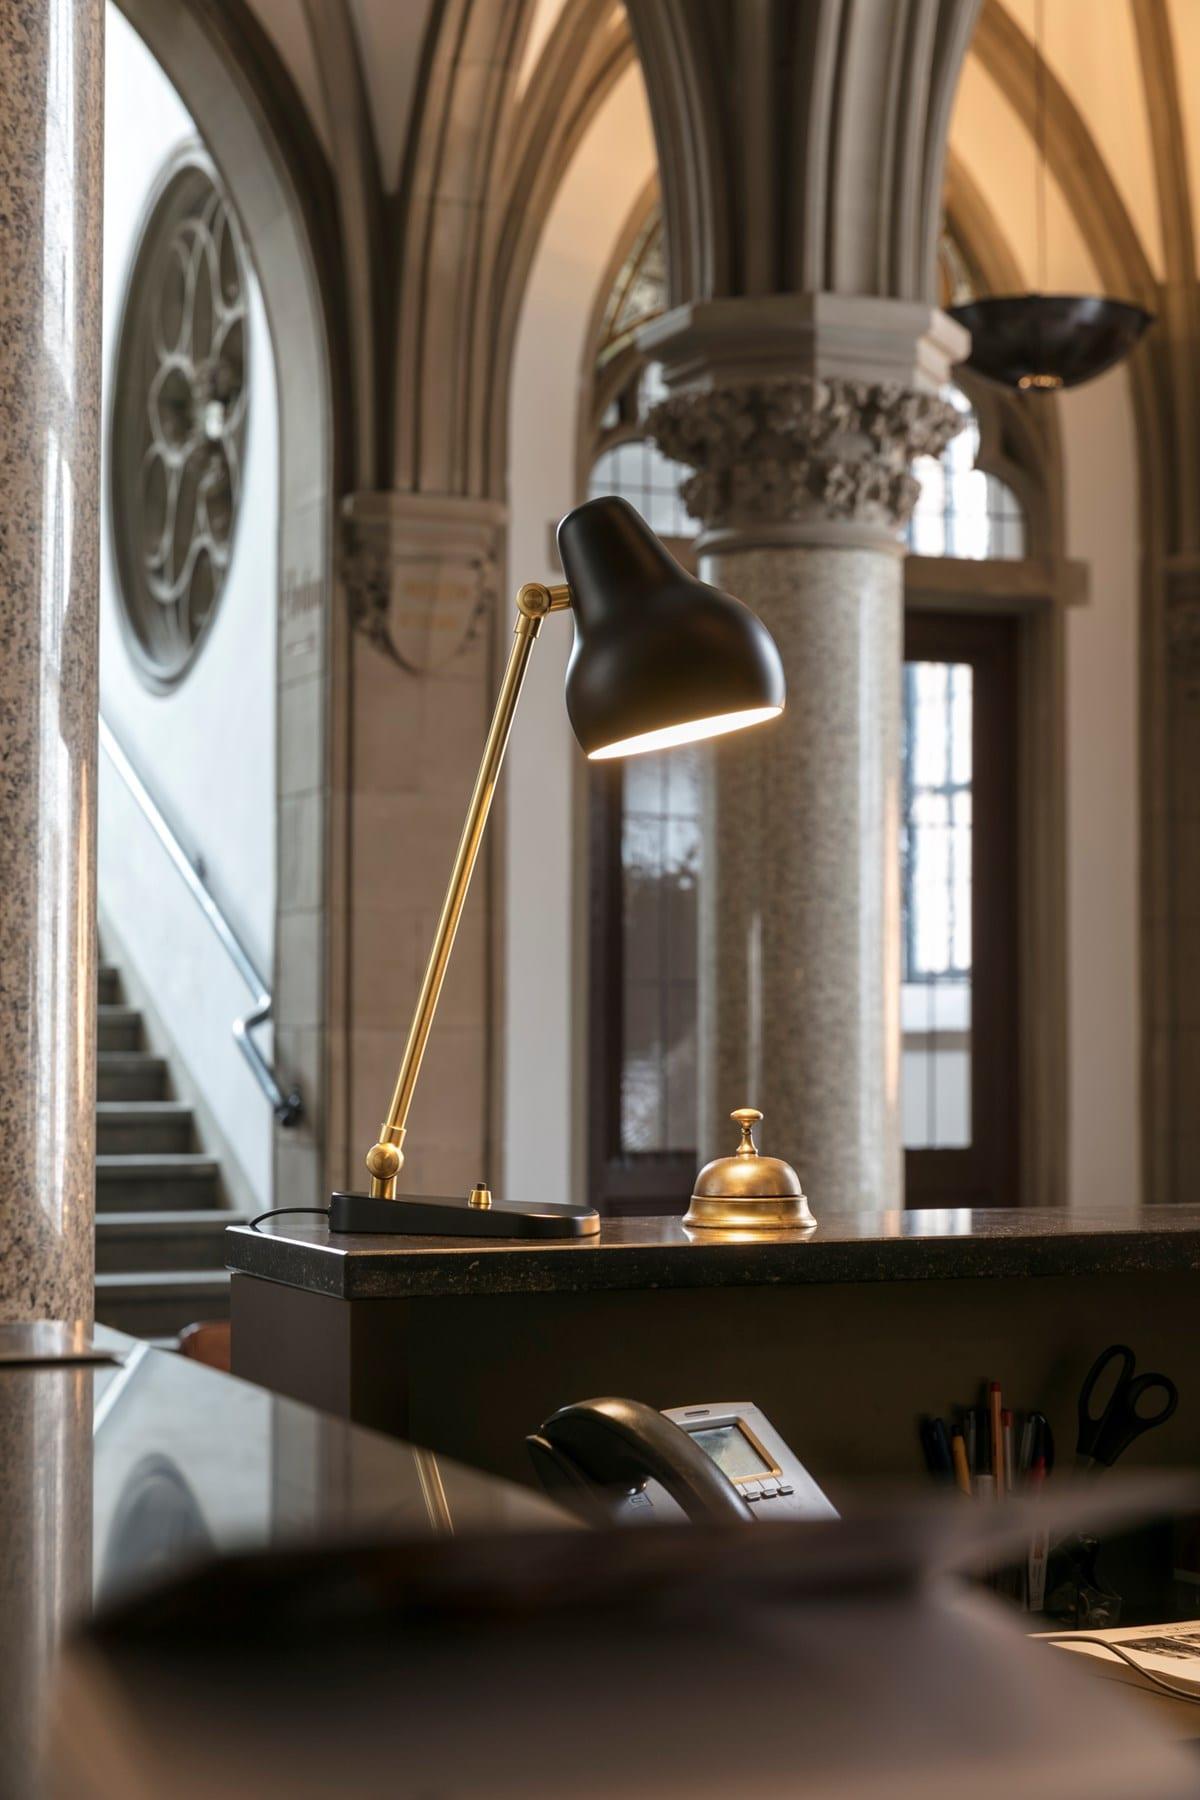 Bordlampe VL38 louis poulsen vilhelm lauritzen indbo